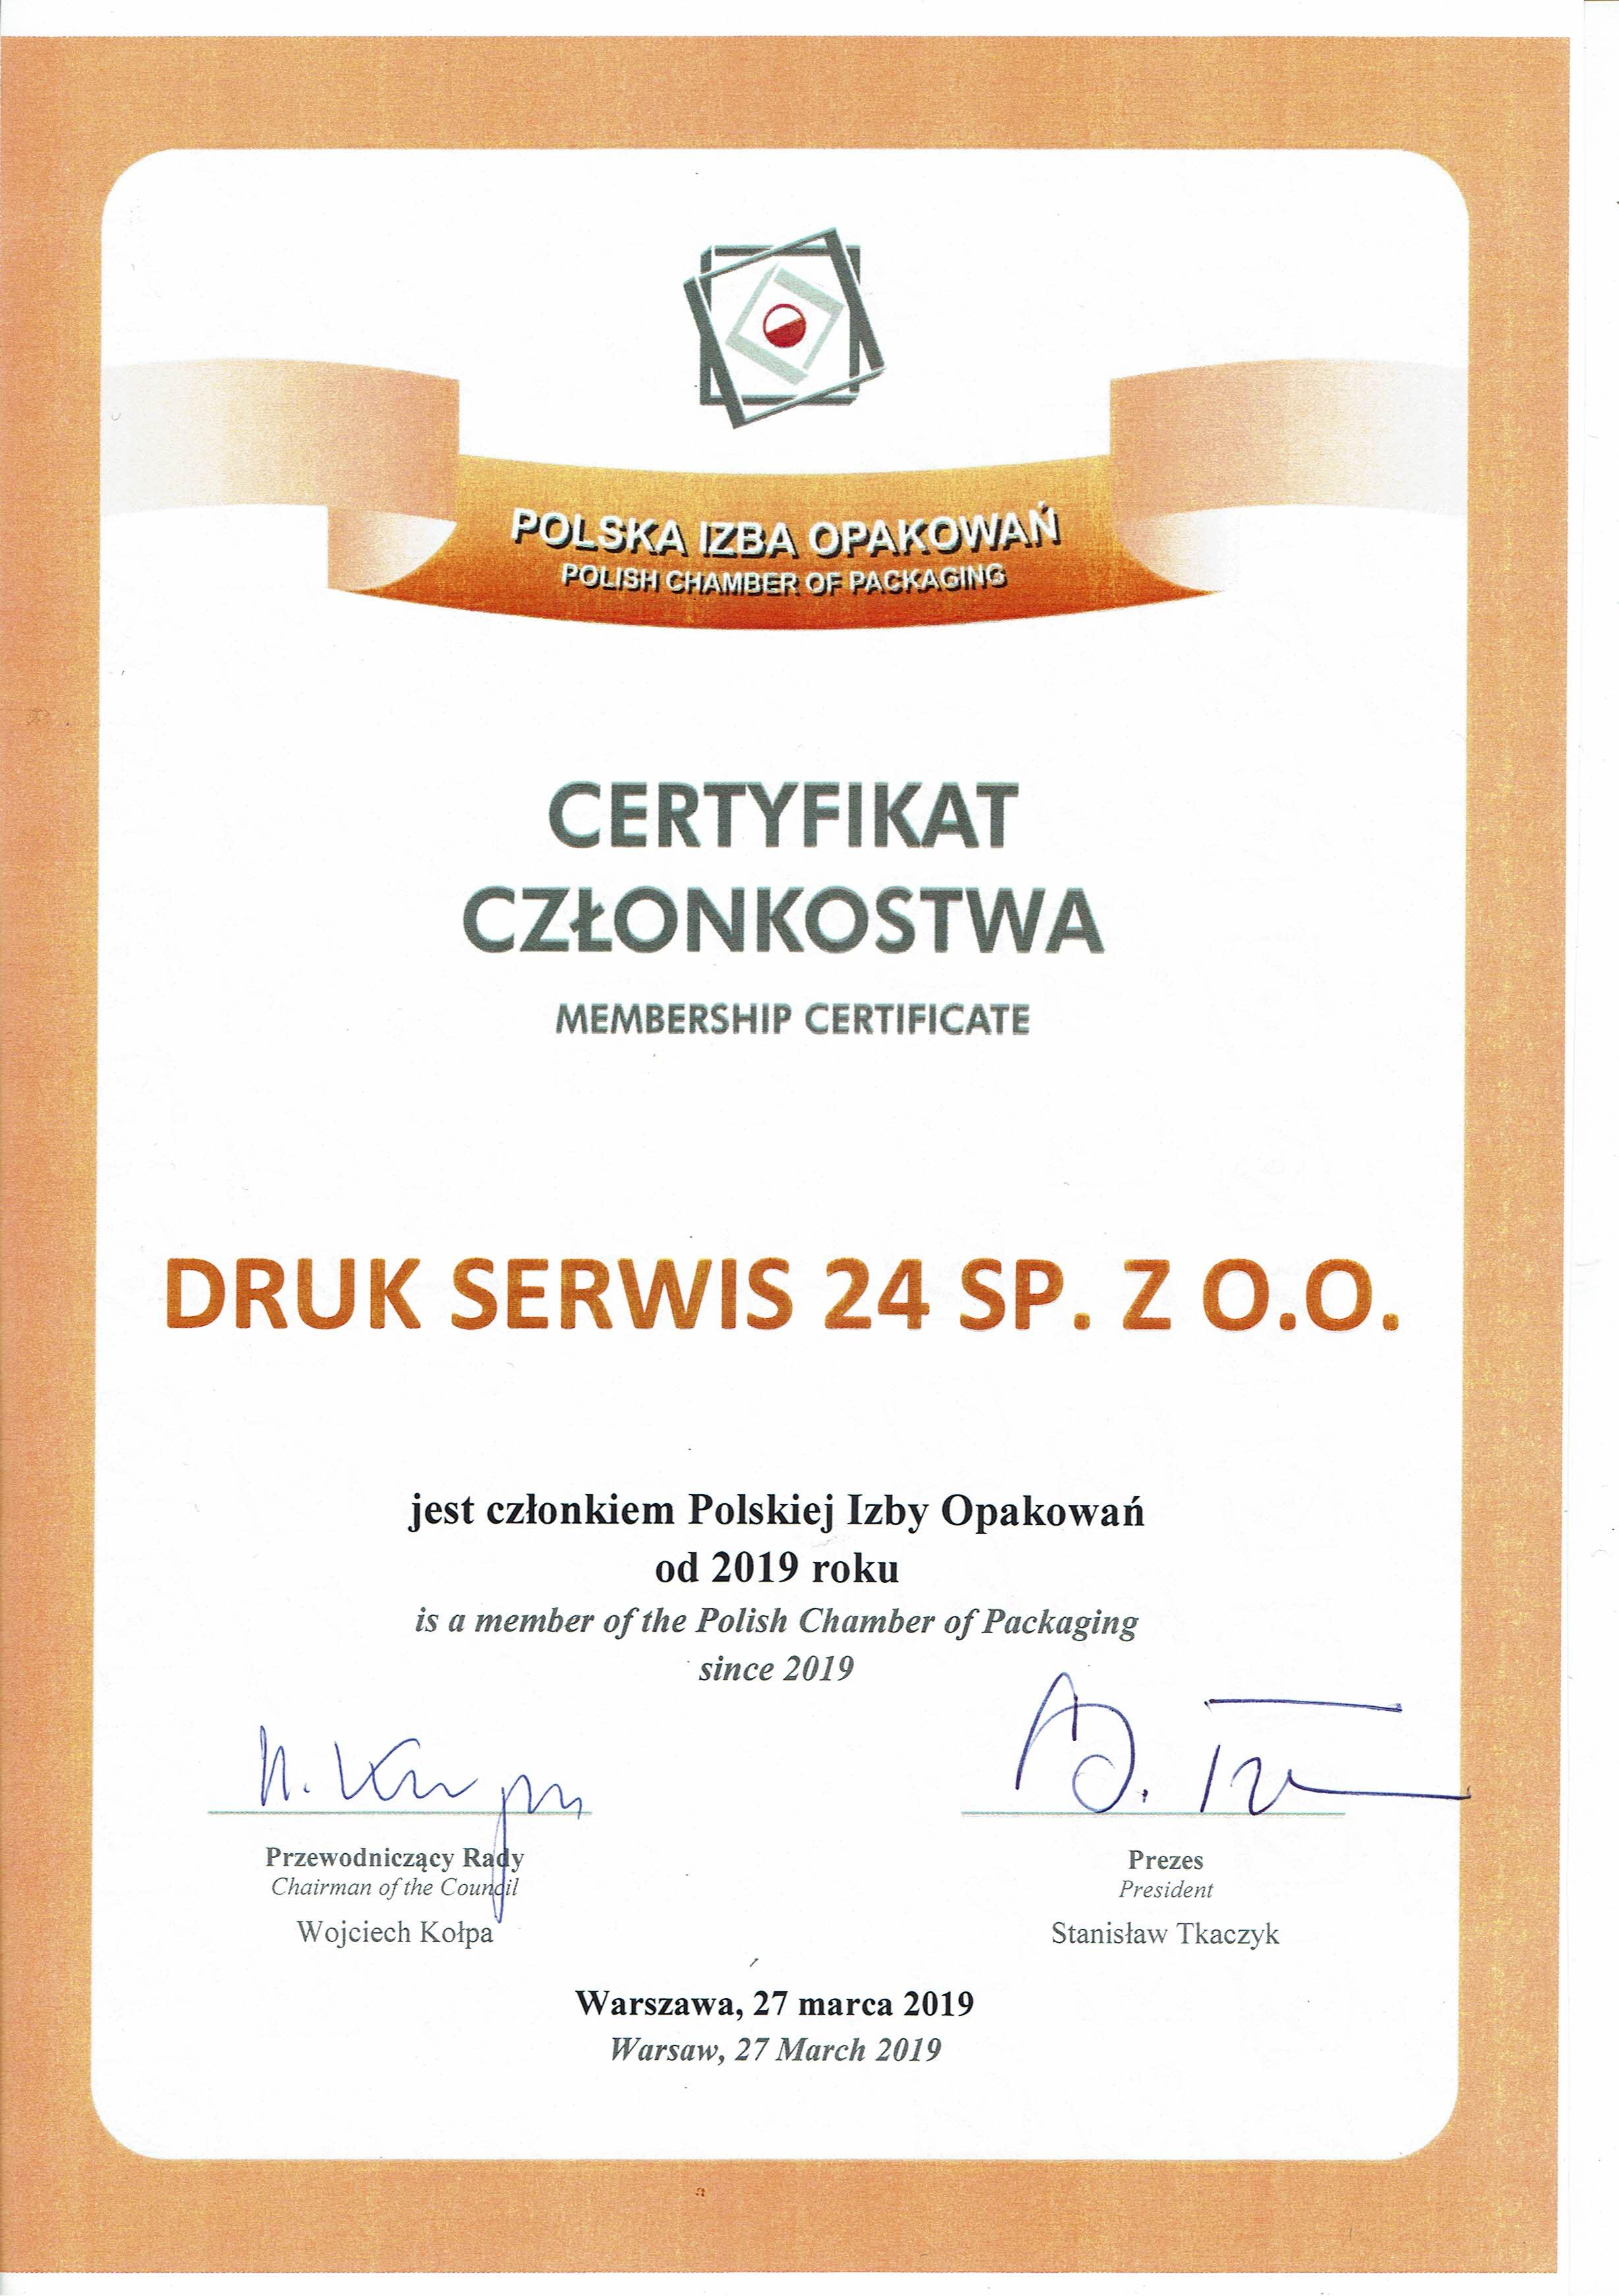 Druk Serwis 24 Polska Izba Opakowań.